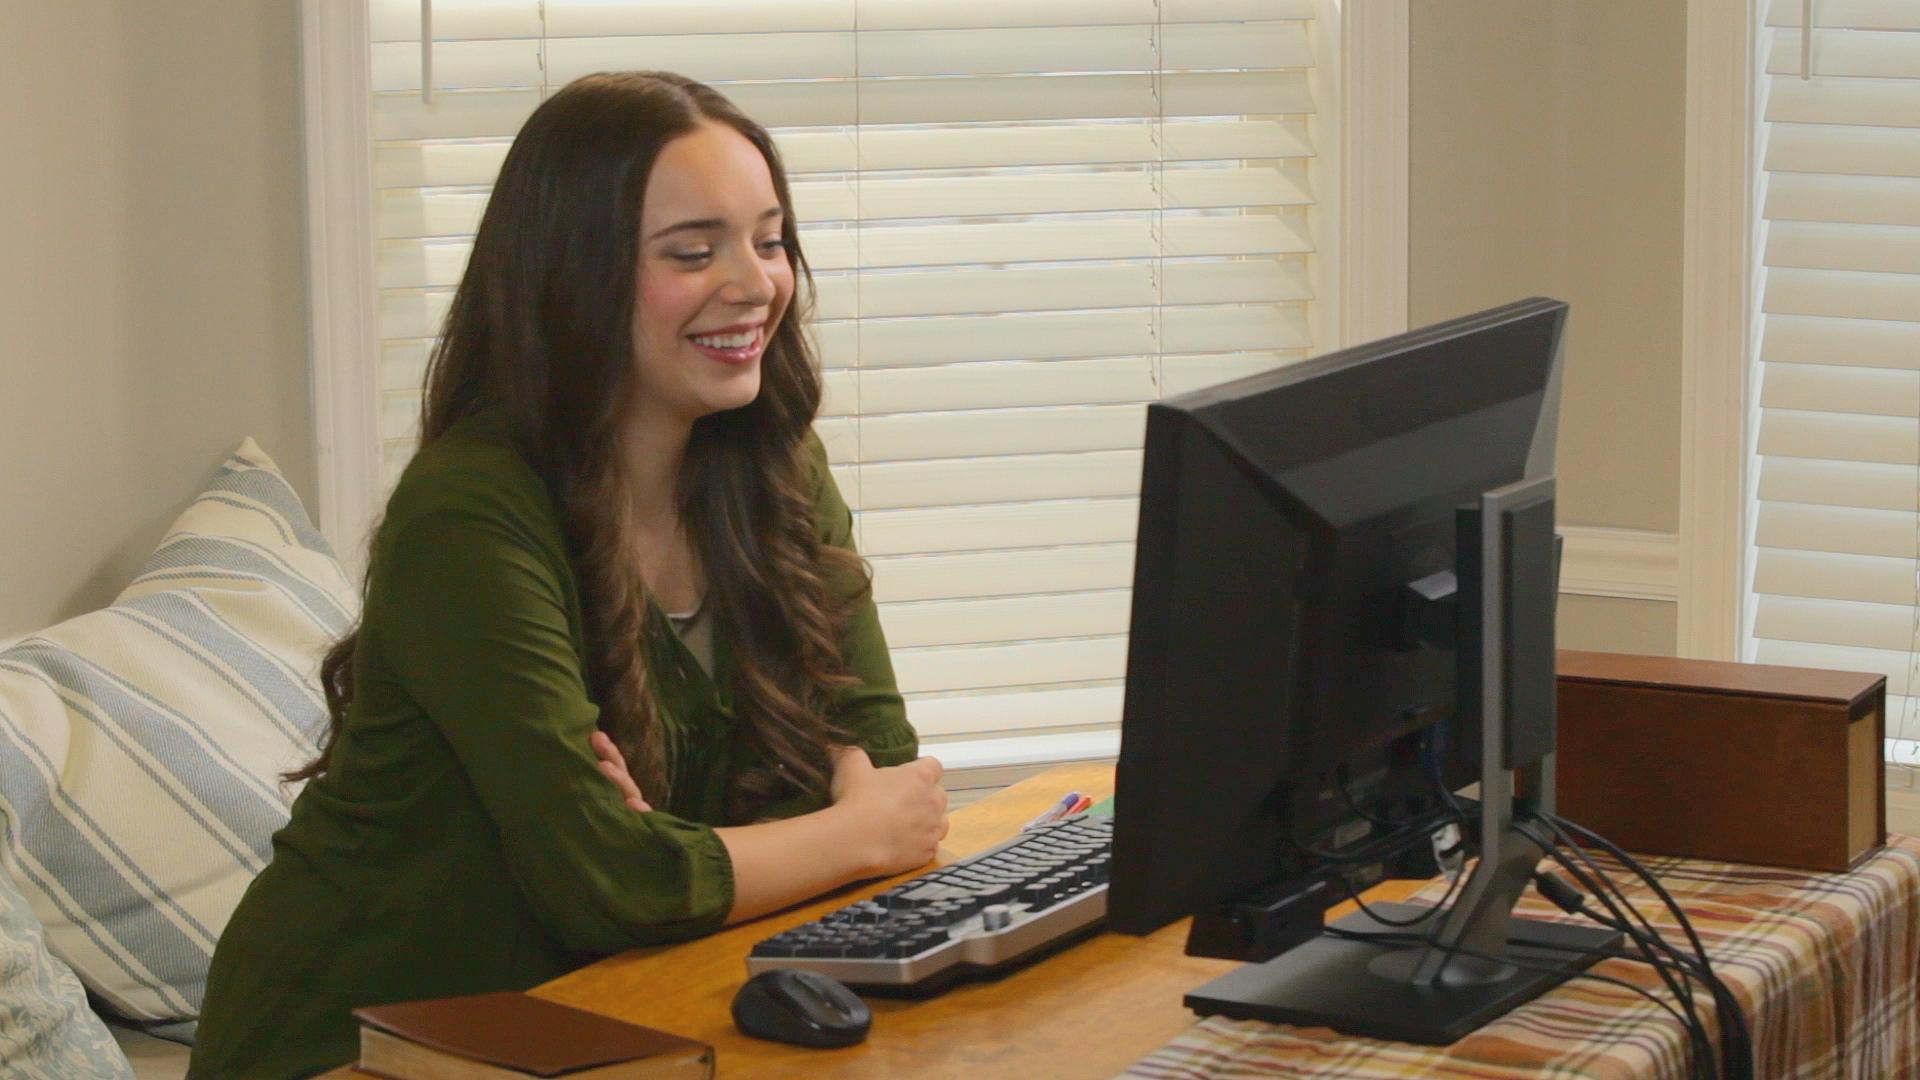 컴퓨터를 사용하고 있는 청녀